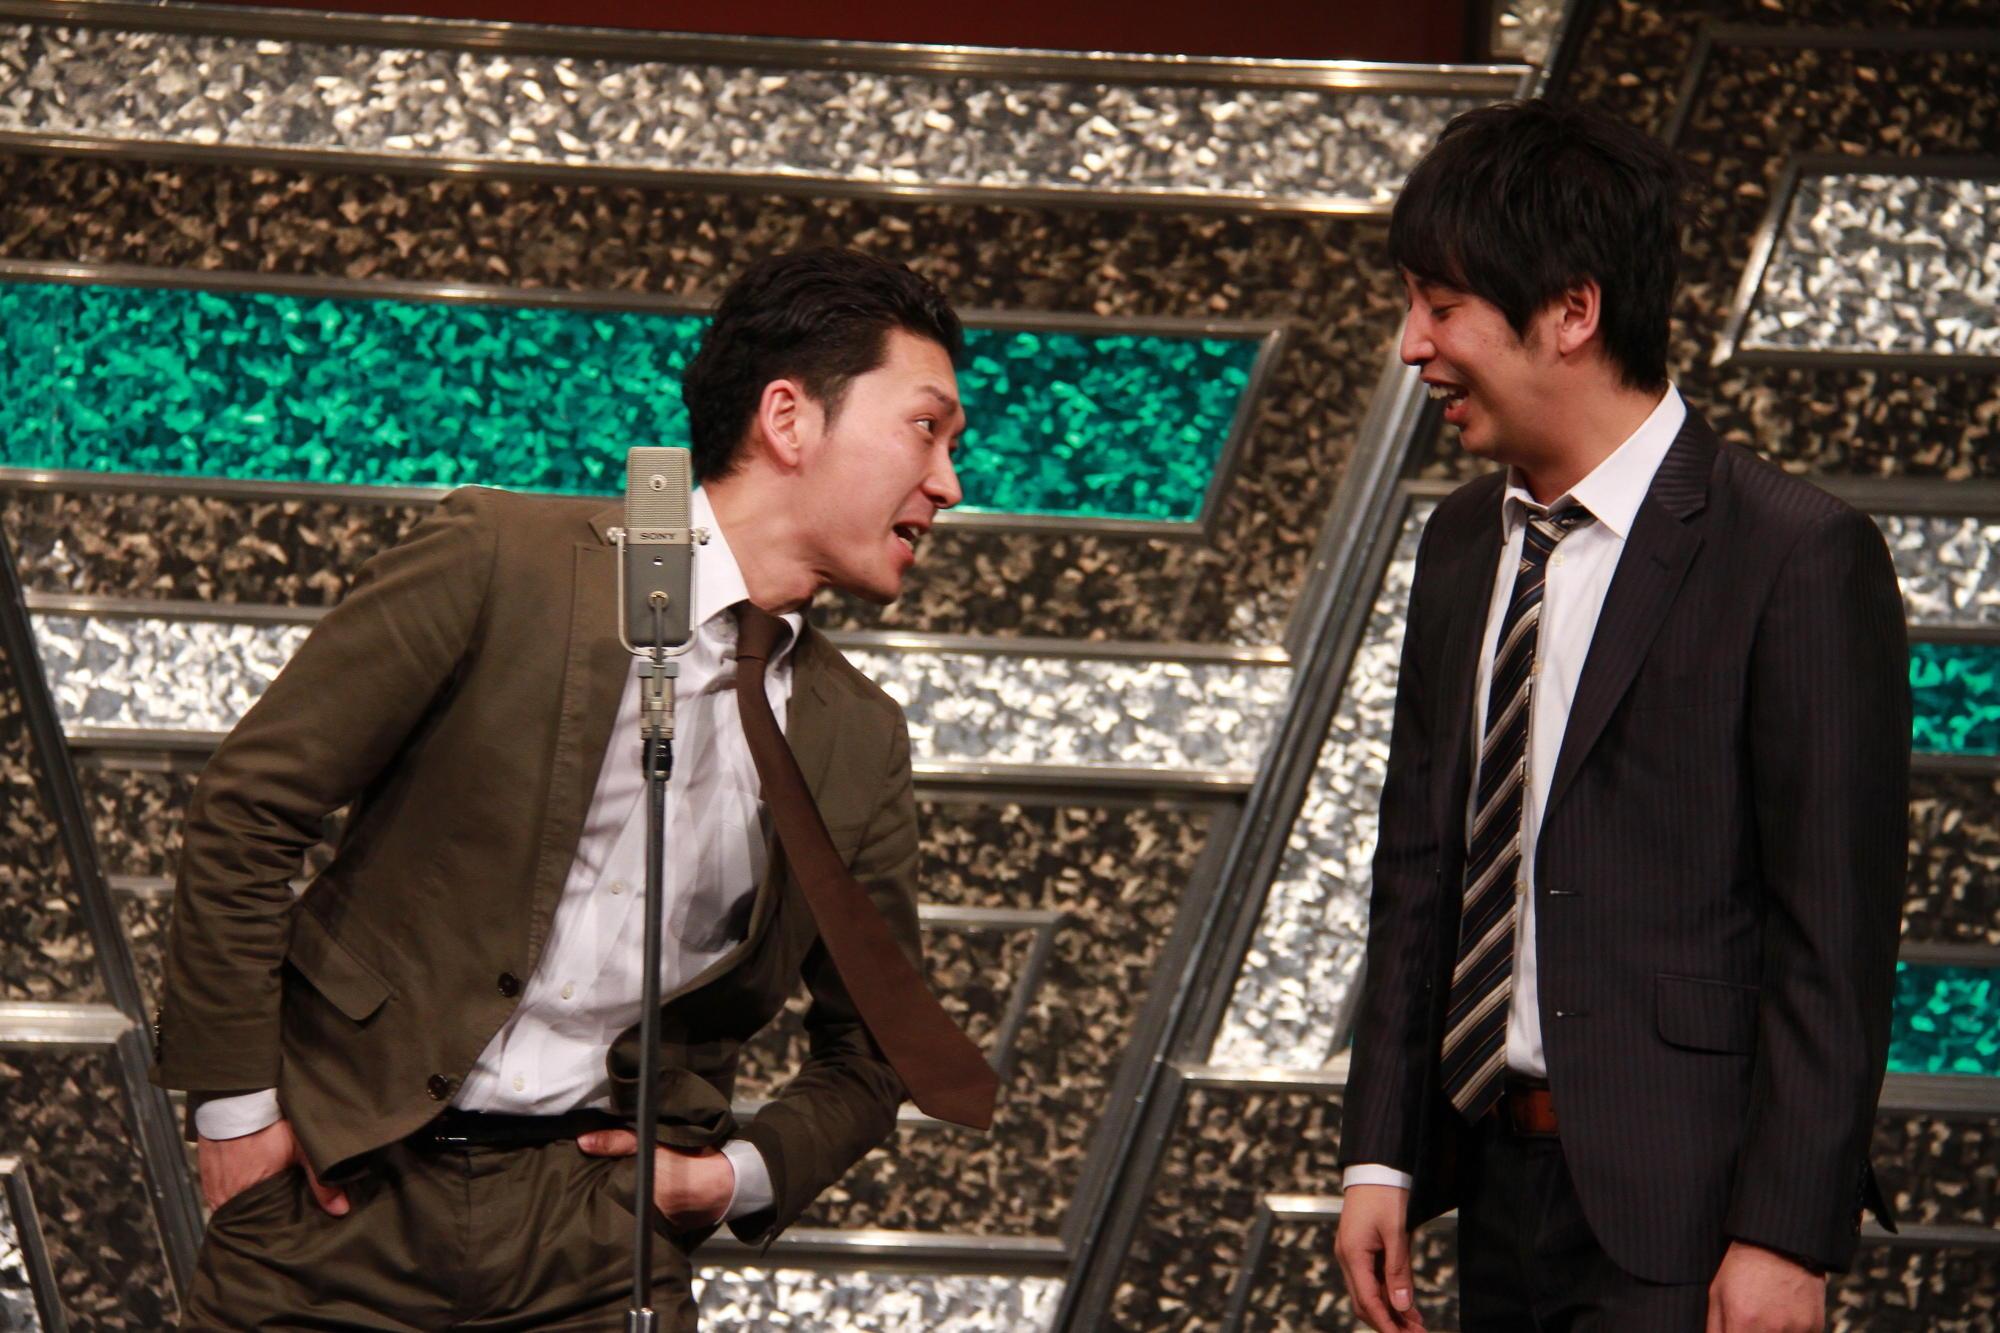 http://news.yoshimoto.co.jp/20151230121334-0a76a98d19c063edb61c4c5444ec69c528f93f75.jpg